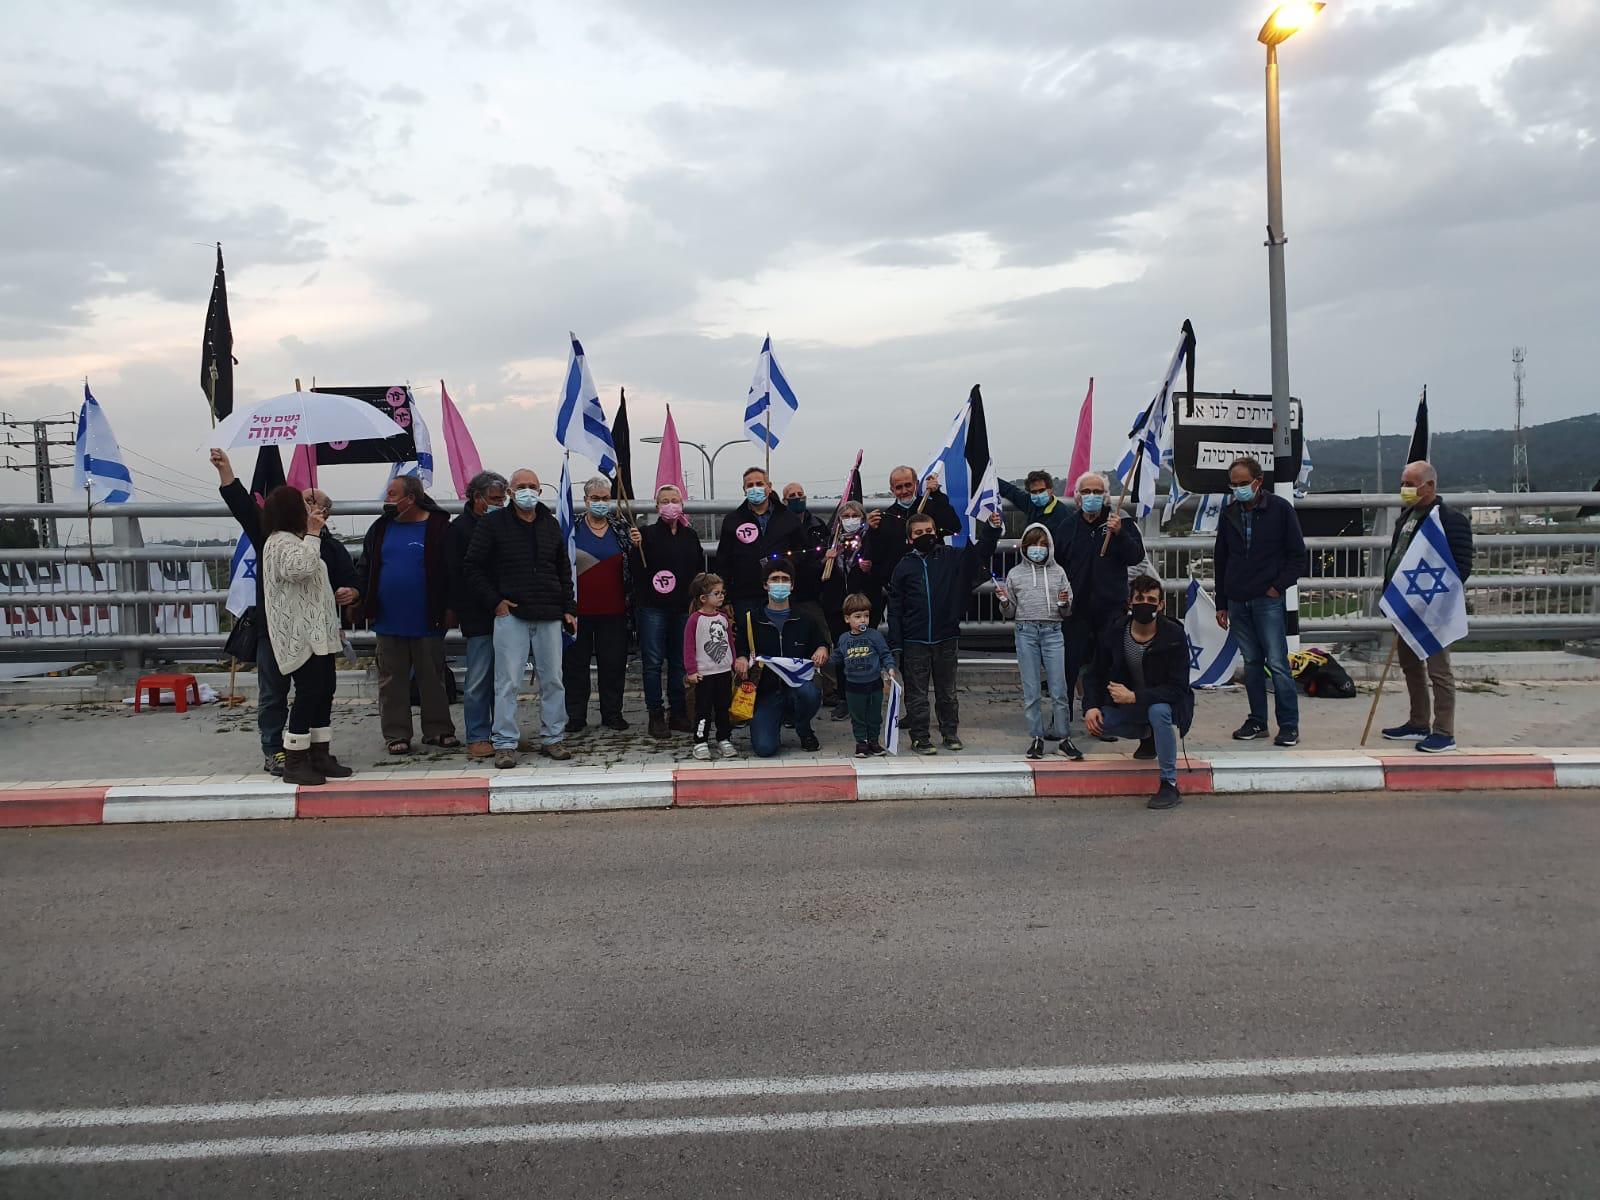 מפגינים בג'למה / צילום: הדגלים השחורים